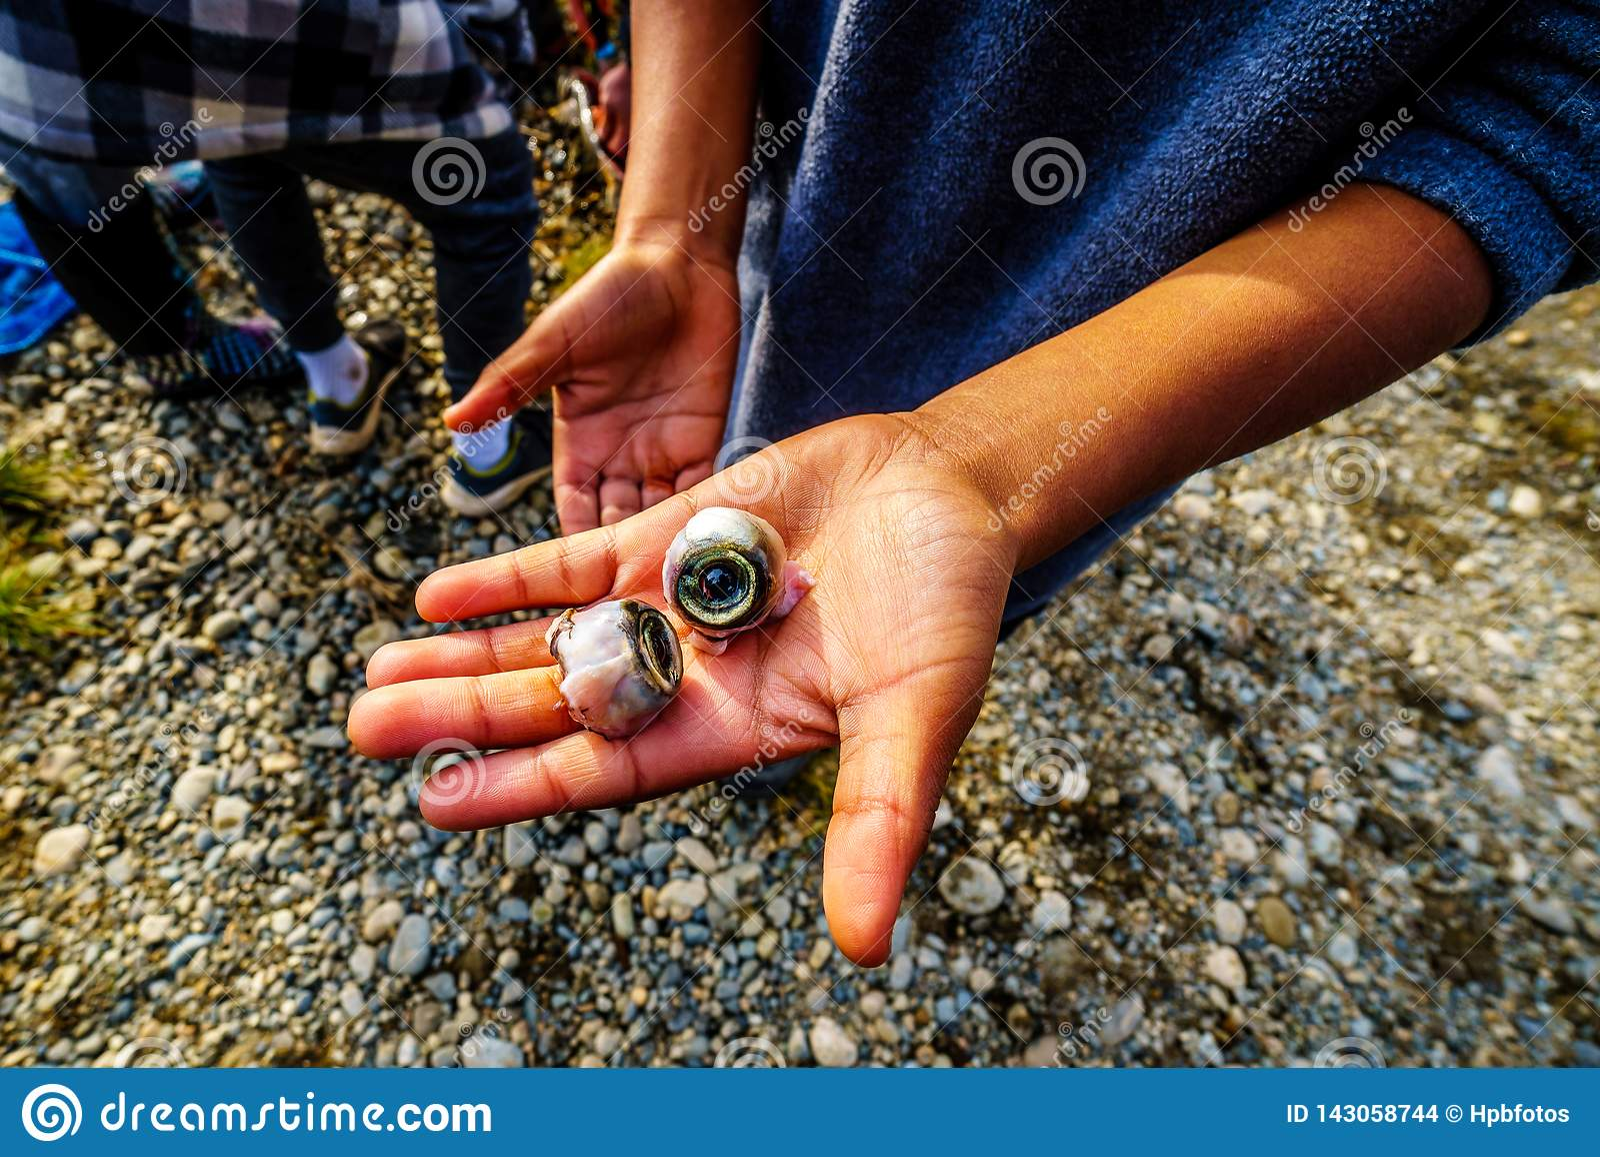 Ragazzo che tiene gli occhi di un salmone morto nei luoghi in cui i pesci depongono le uova in Stave River